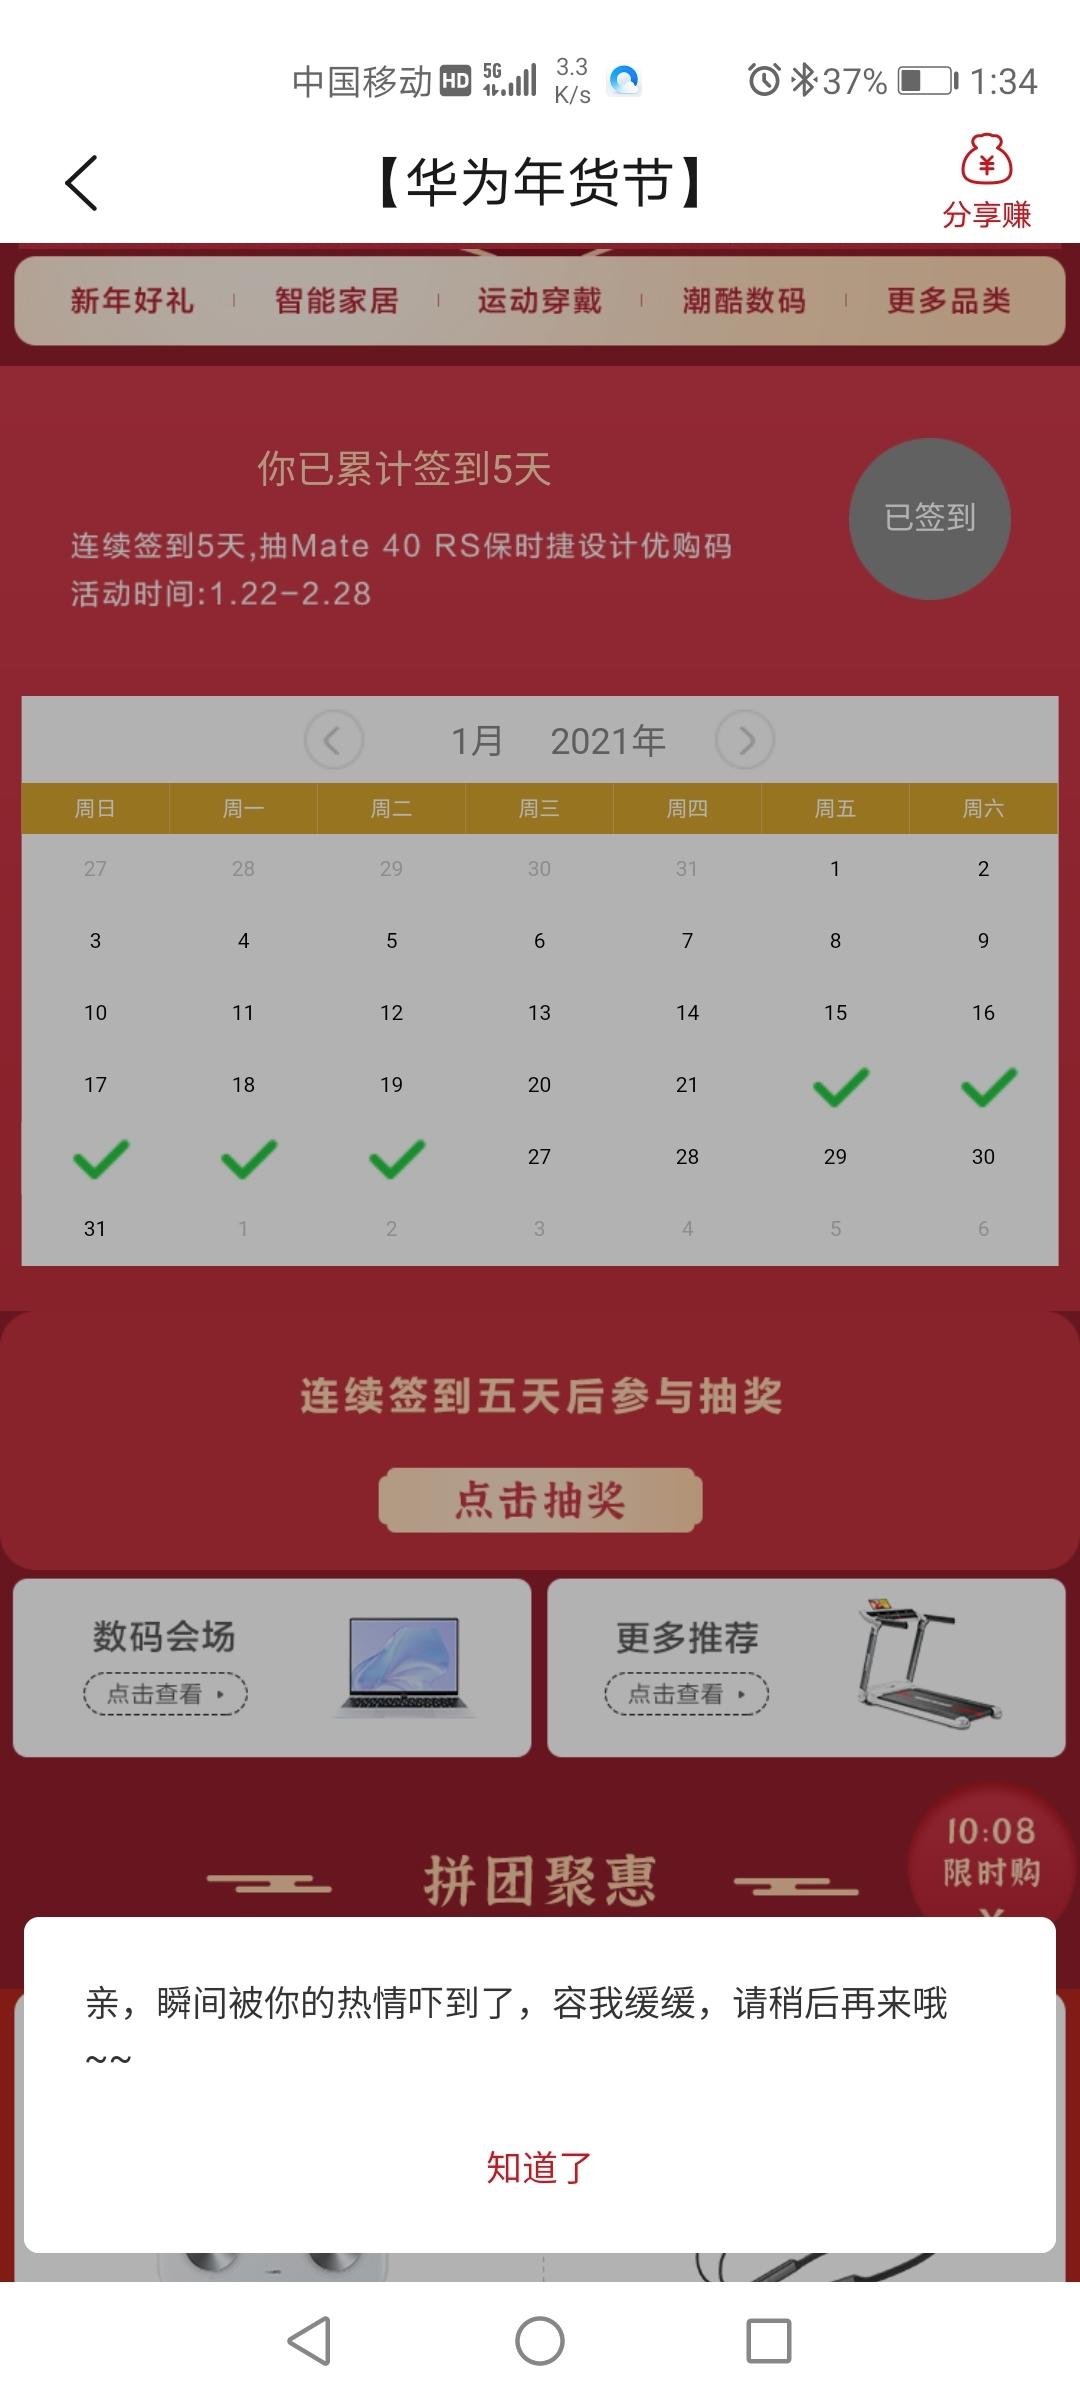 Screenshot_20210126_133439_com.vmall.client.jpg